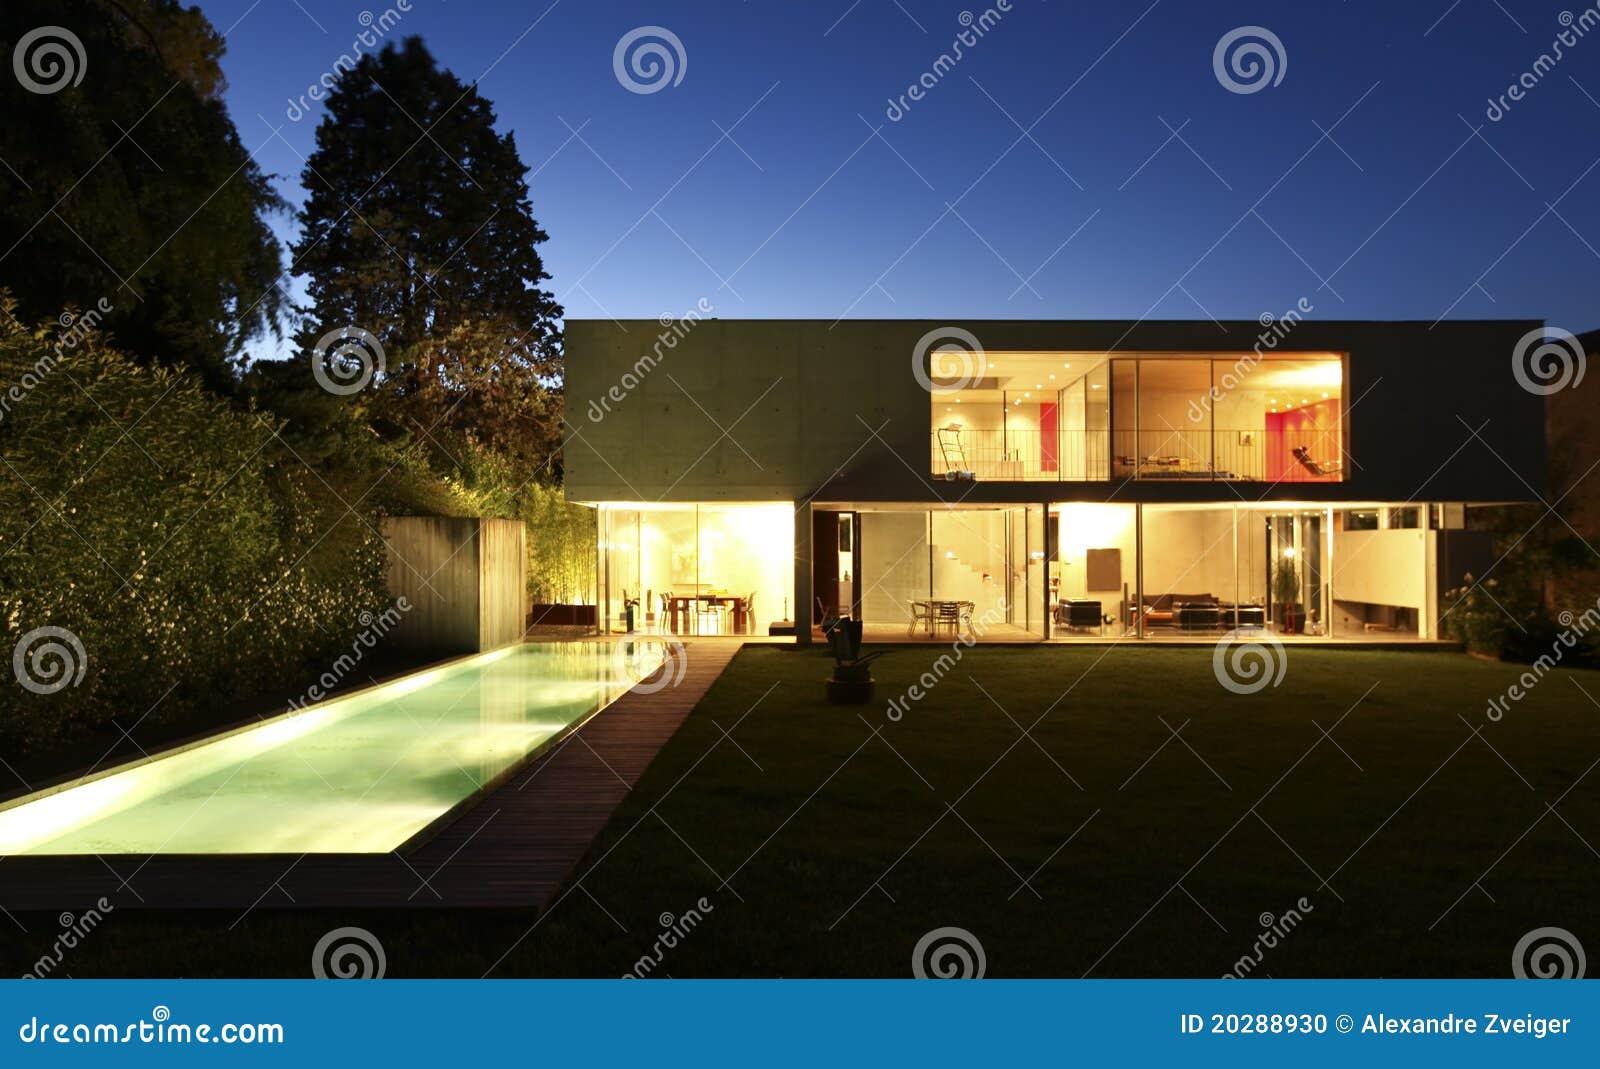 Simple Home Facade